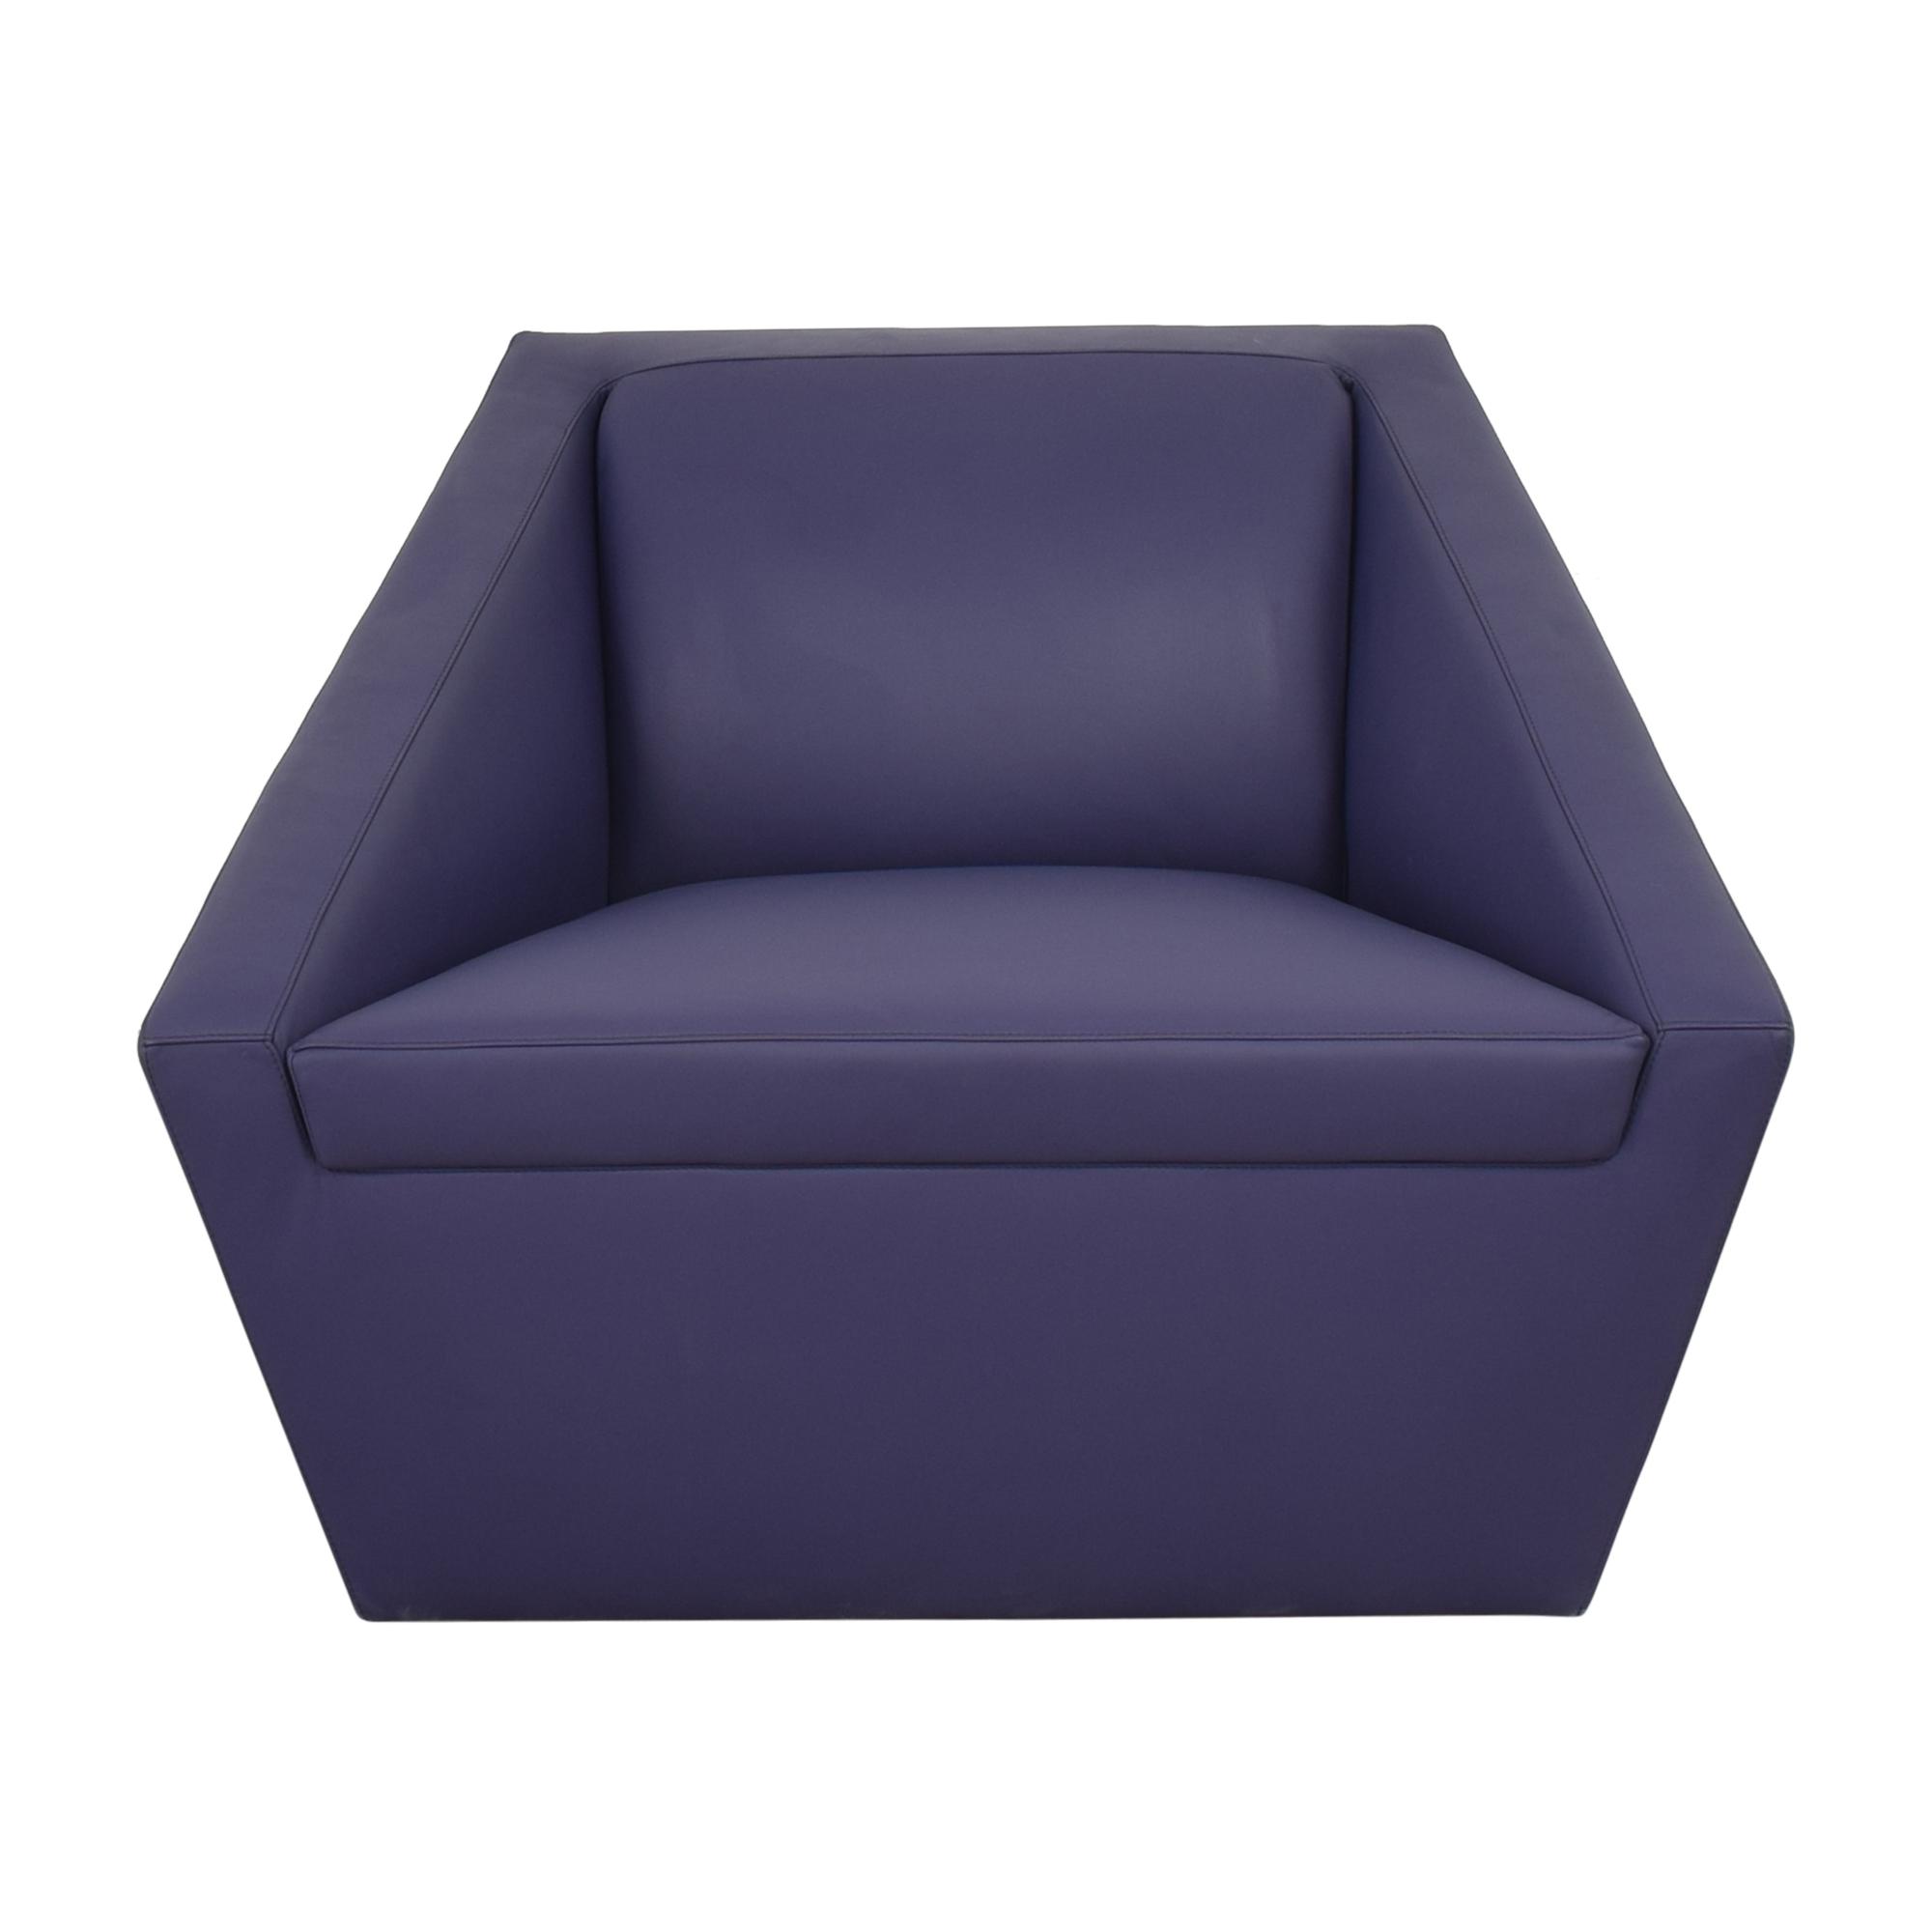 Bernhardt Bernhardt Nash Chair Chairs